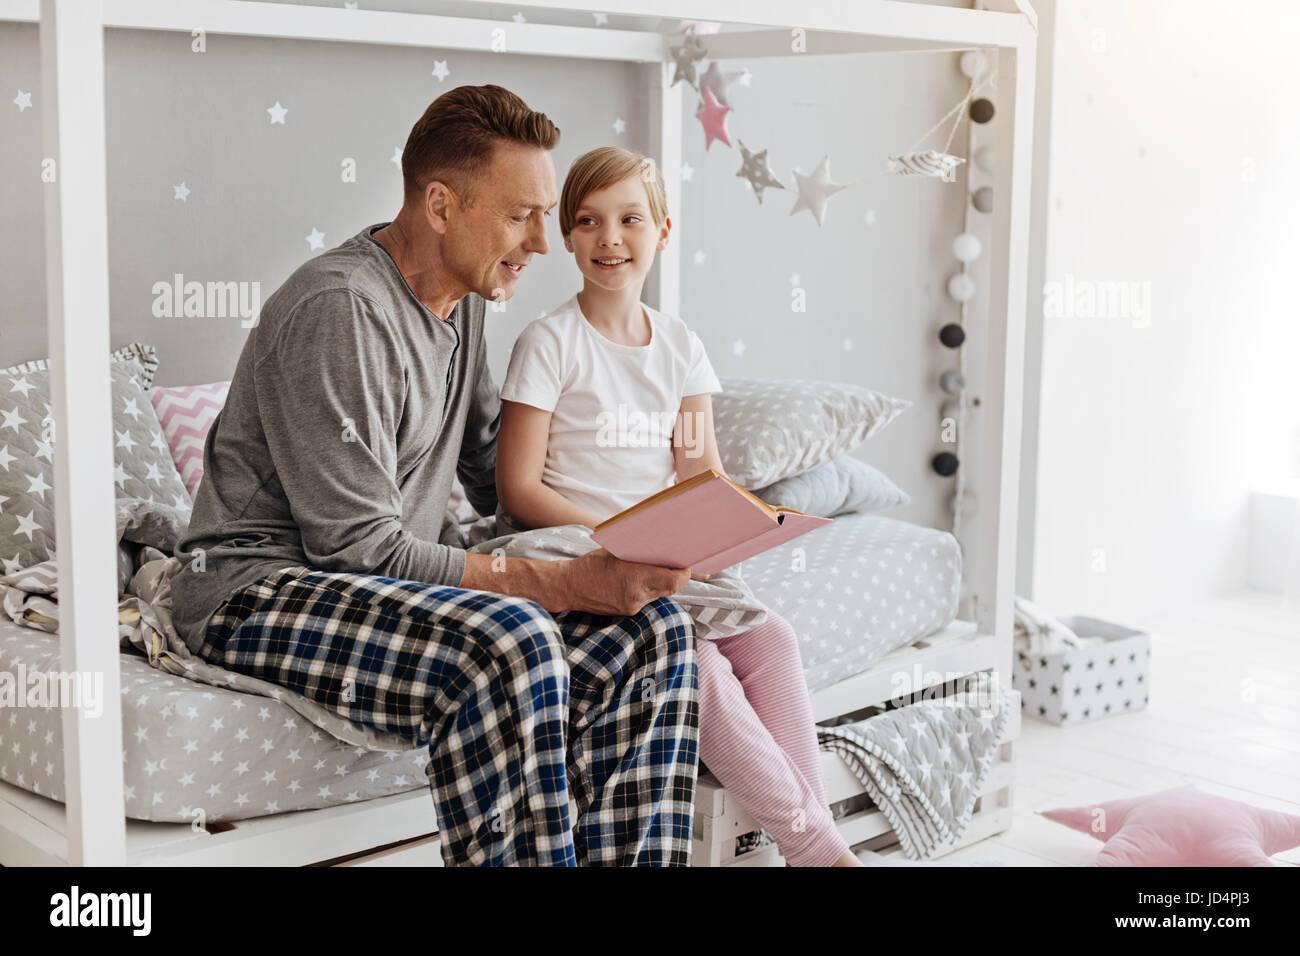 Adorable pequeño familia disfrutando de un fin de semana encantador mañana juntos Imagen De Stock